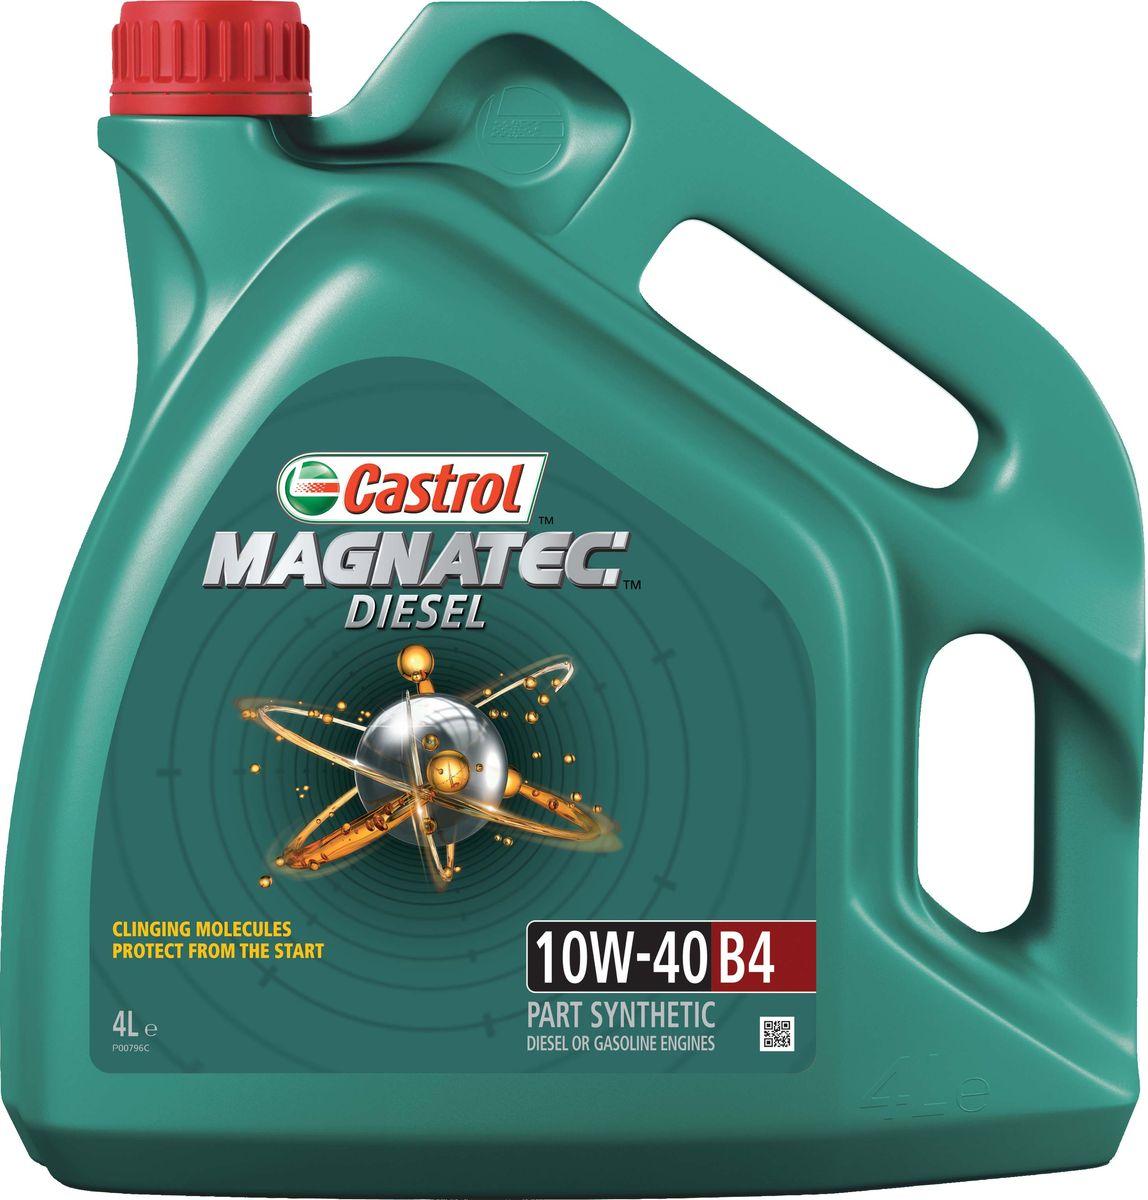 """Моторное масло Castrol Magnatec Diesel 10W-40 B4, 4 л156ED8Описание До 75% износа двигателя происходит во время его пуска и прогрева. Когда двигатель выключен, обычное масло стекает в поддон картера, оставляя важнейшие детали двигателя незащищенными. Молекулы Castrol Magnatec подобно магниту притягиваются к деталям двигателя и образуют сверхпрочную масляную пленку, обеспечивающую дополнительную защиту двигателя в период пуска, когда риск возникновения износа существенно возрастает. Применение Моторное масло Castrol Magnatec Diesel 10W-40 B4 подходит для применения в дизельных двигателях, в которых производитель рекомендует использовать смазочные материалы спецификаций ACEA A3/B4, A3/B3, API CF или более ранних, класса вязкости SAE 10W-40. Castrol Magnatec Diesel 10W-40 B4 одобрено к использованию в дизельных двигателях автомобилей VW Group и Mercedes, требующих моторные масла спецификаций VW 505 00 и MBApproval 229.1, класса вязкости SAE 10W-40. Преимущества Castrol Magnatec Diesel защищает двигатель всегда: - молекулы """"Intelligent molecules""""..."""